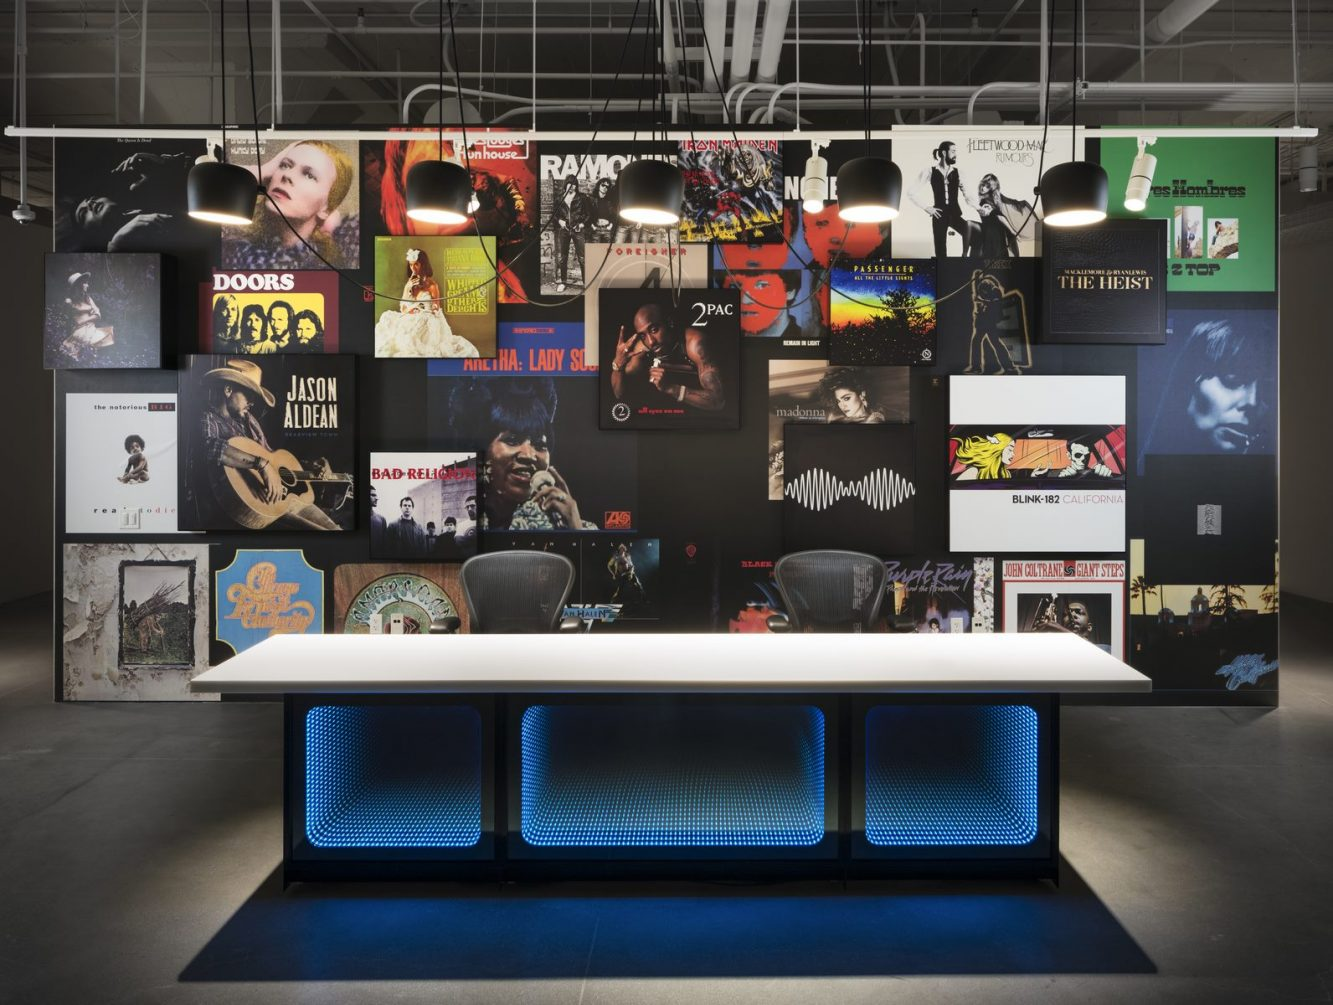 Las oficinas de Warner Music, listas para grabar 28